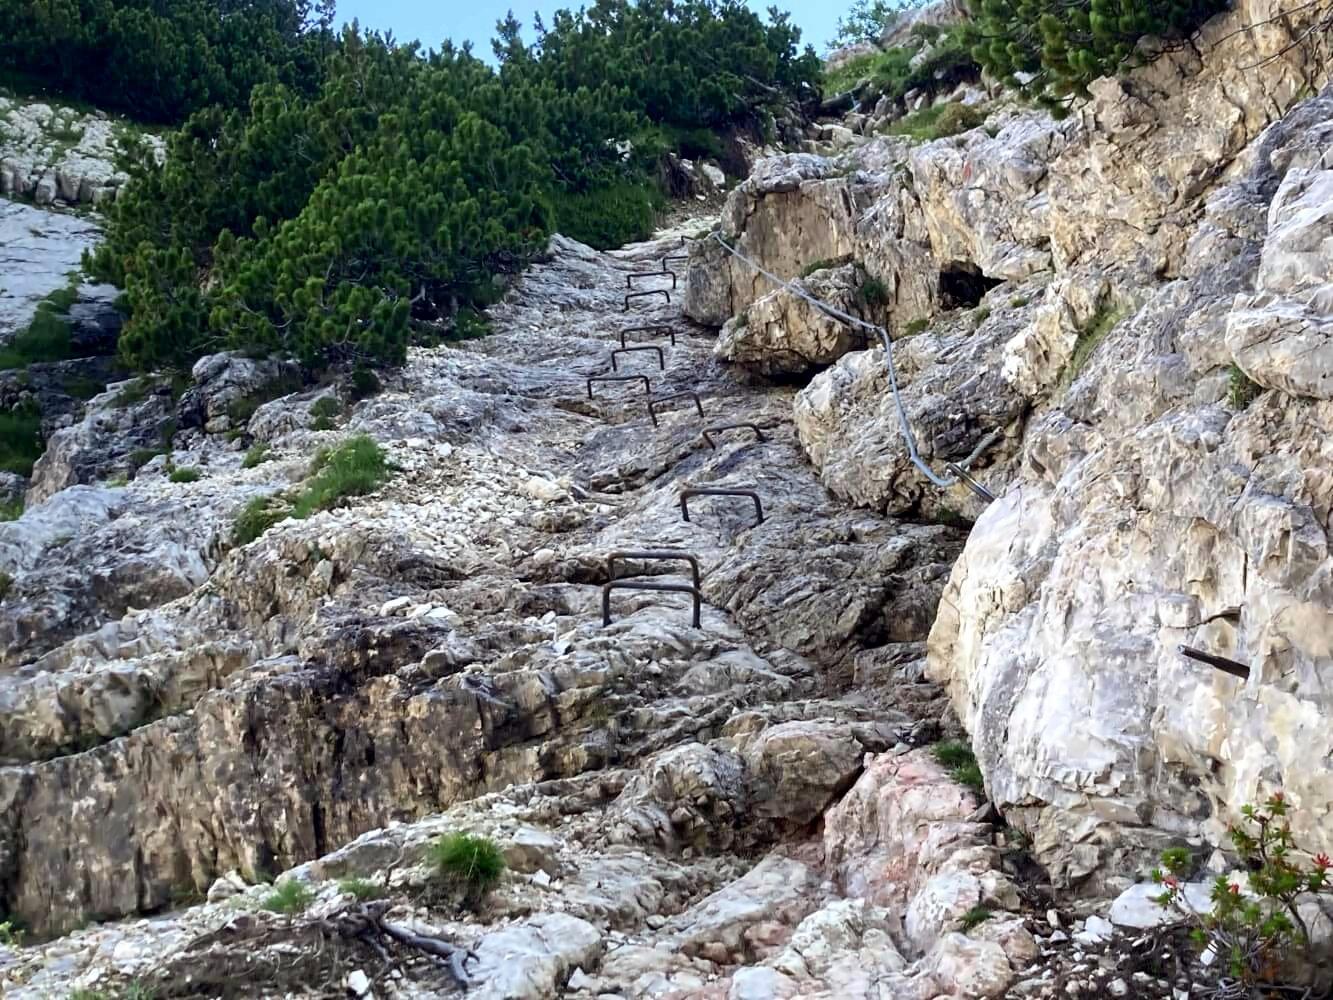 Steighilfen am Monte Pelmo auf dem Giro di Pelmo am Dolomiten-Höhenweg 1.